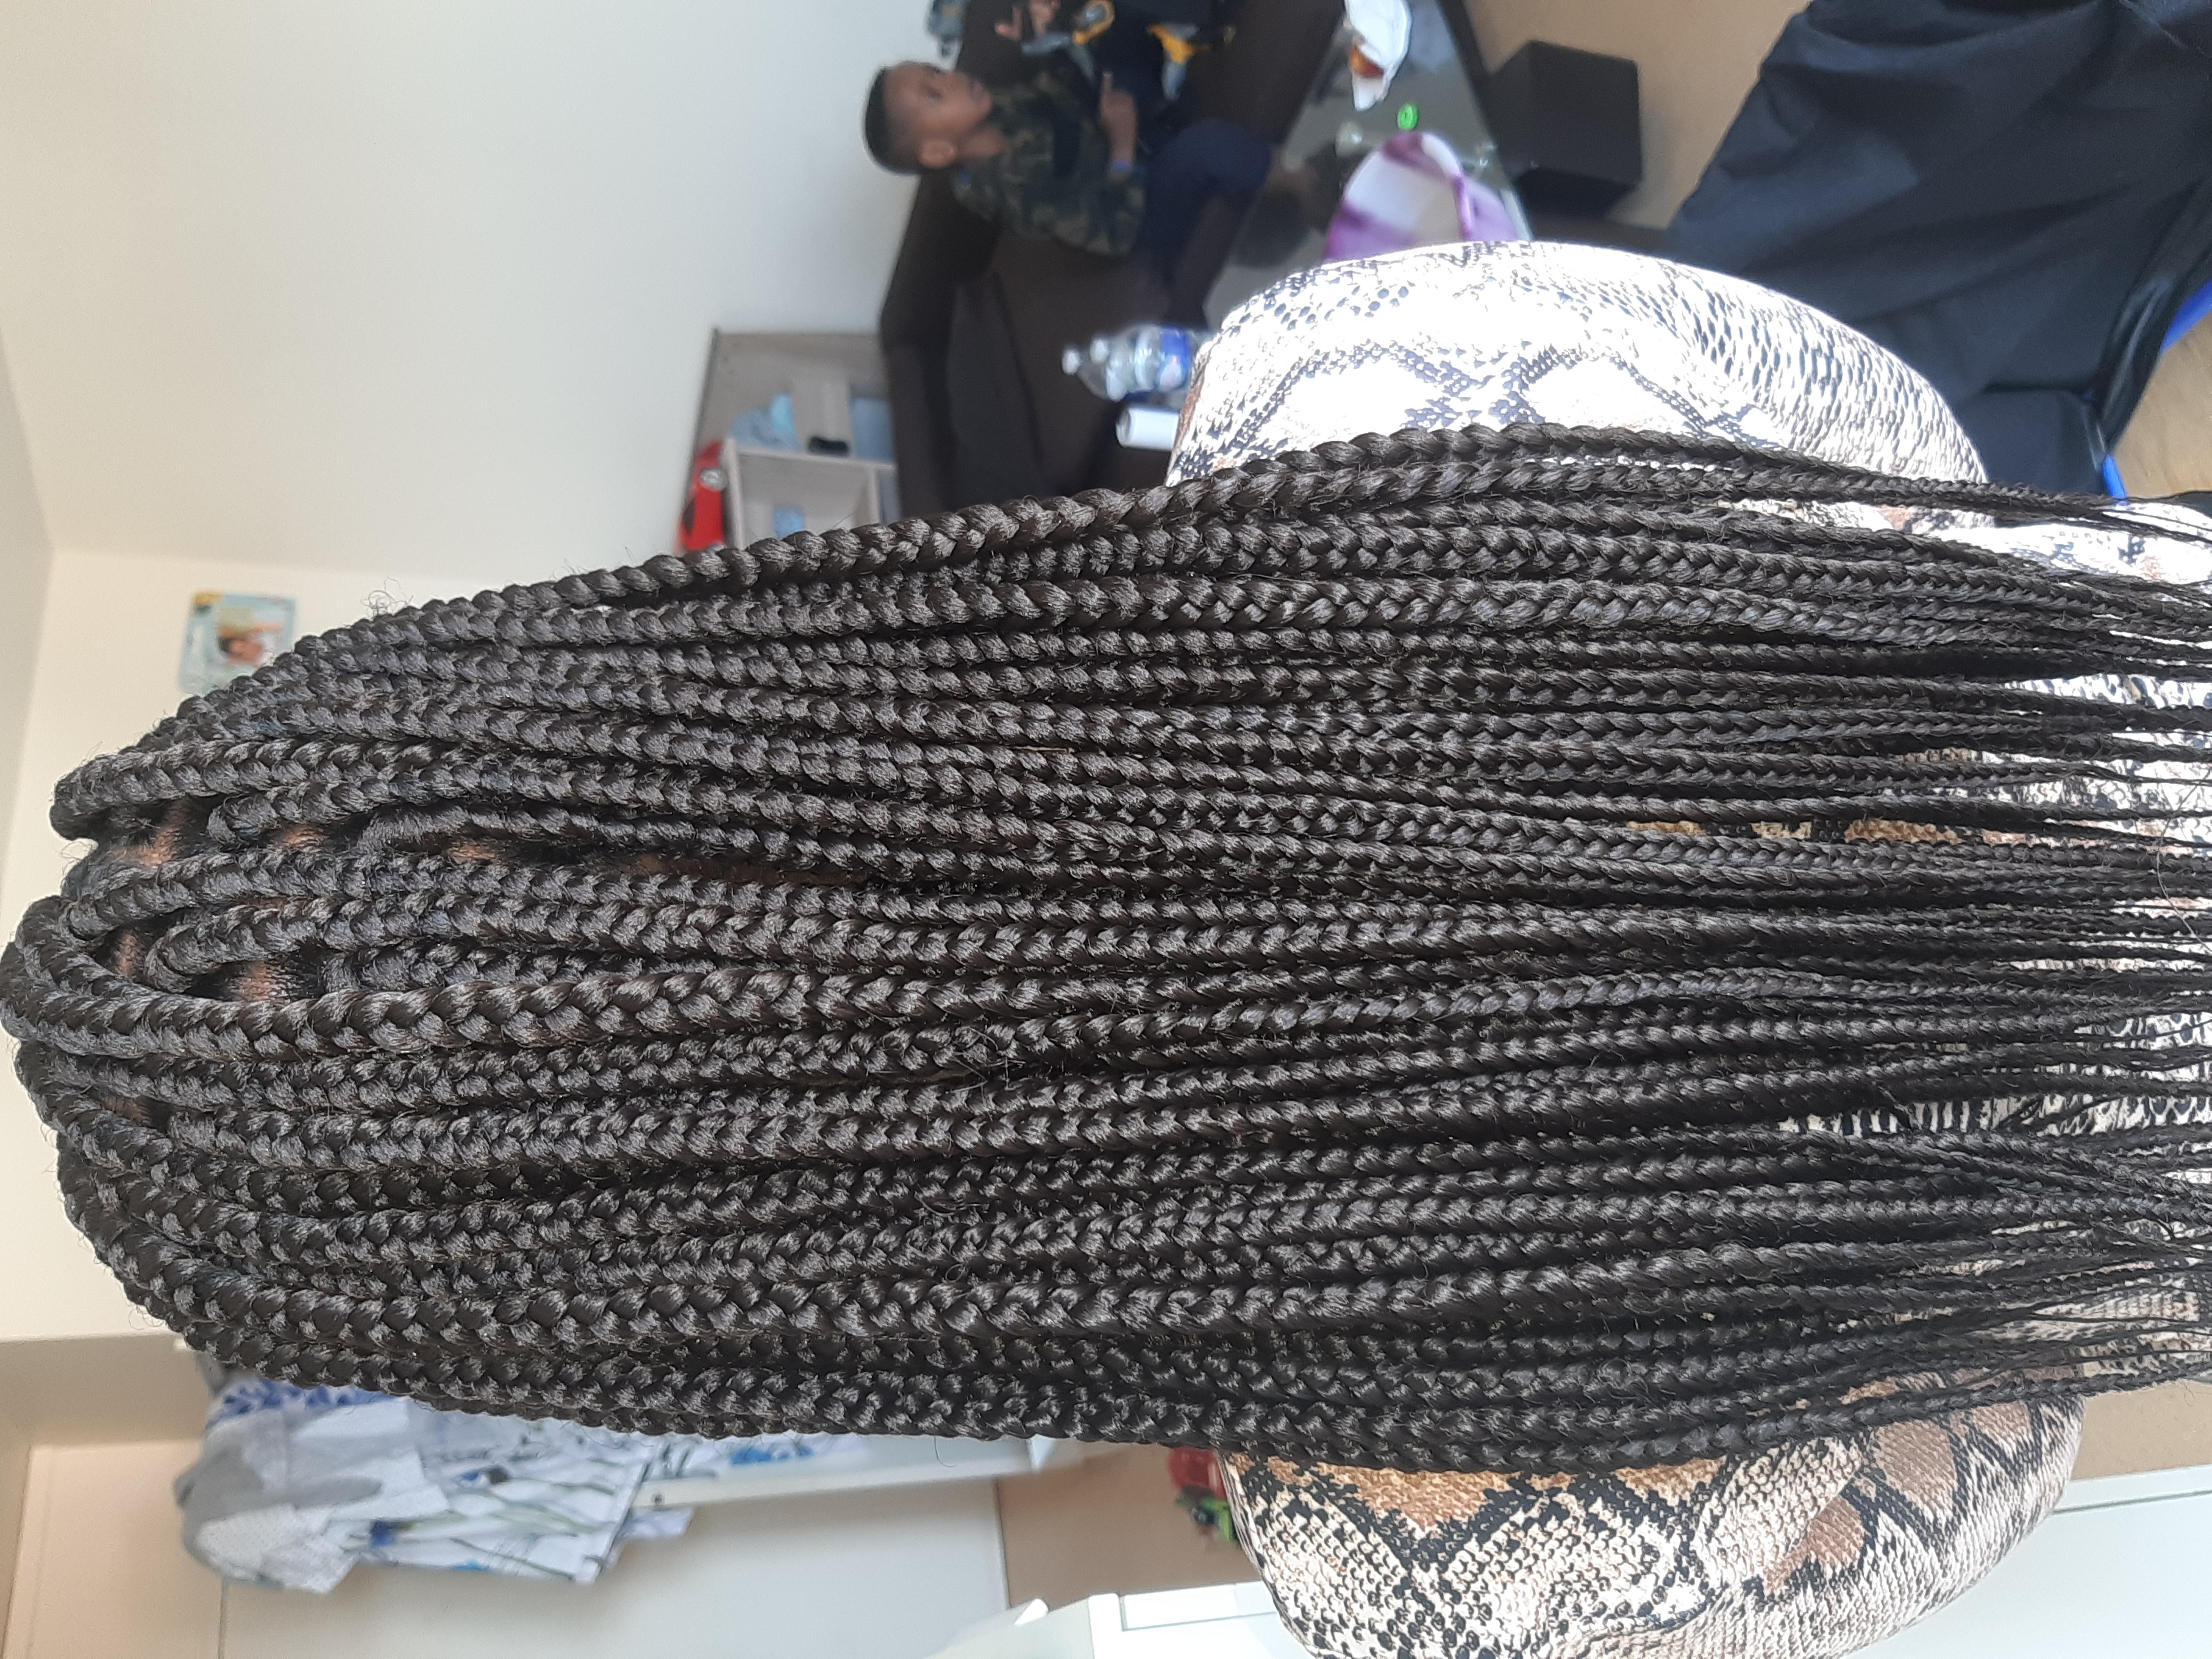 salon de coiffure afro tresse tresses box braids crochet braids vanilles tissages paris 75 77 78 91 92 93 94 95 WKNWMGVT